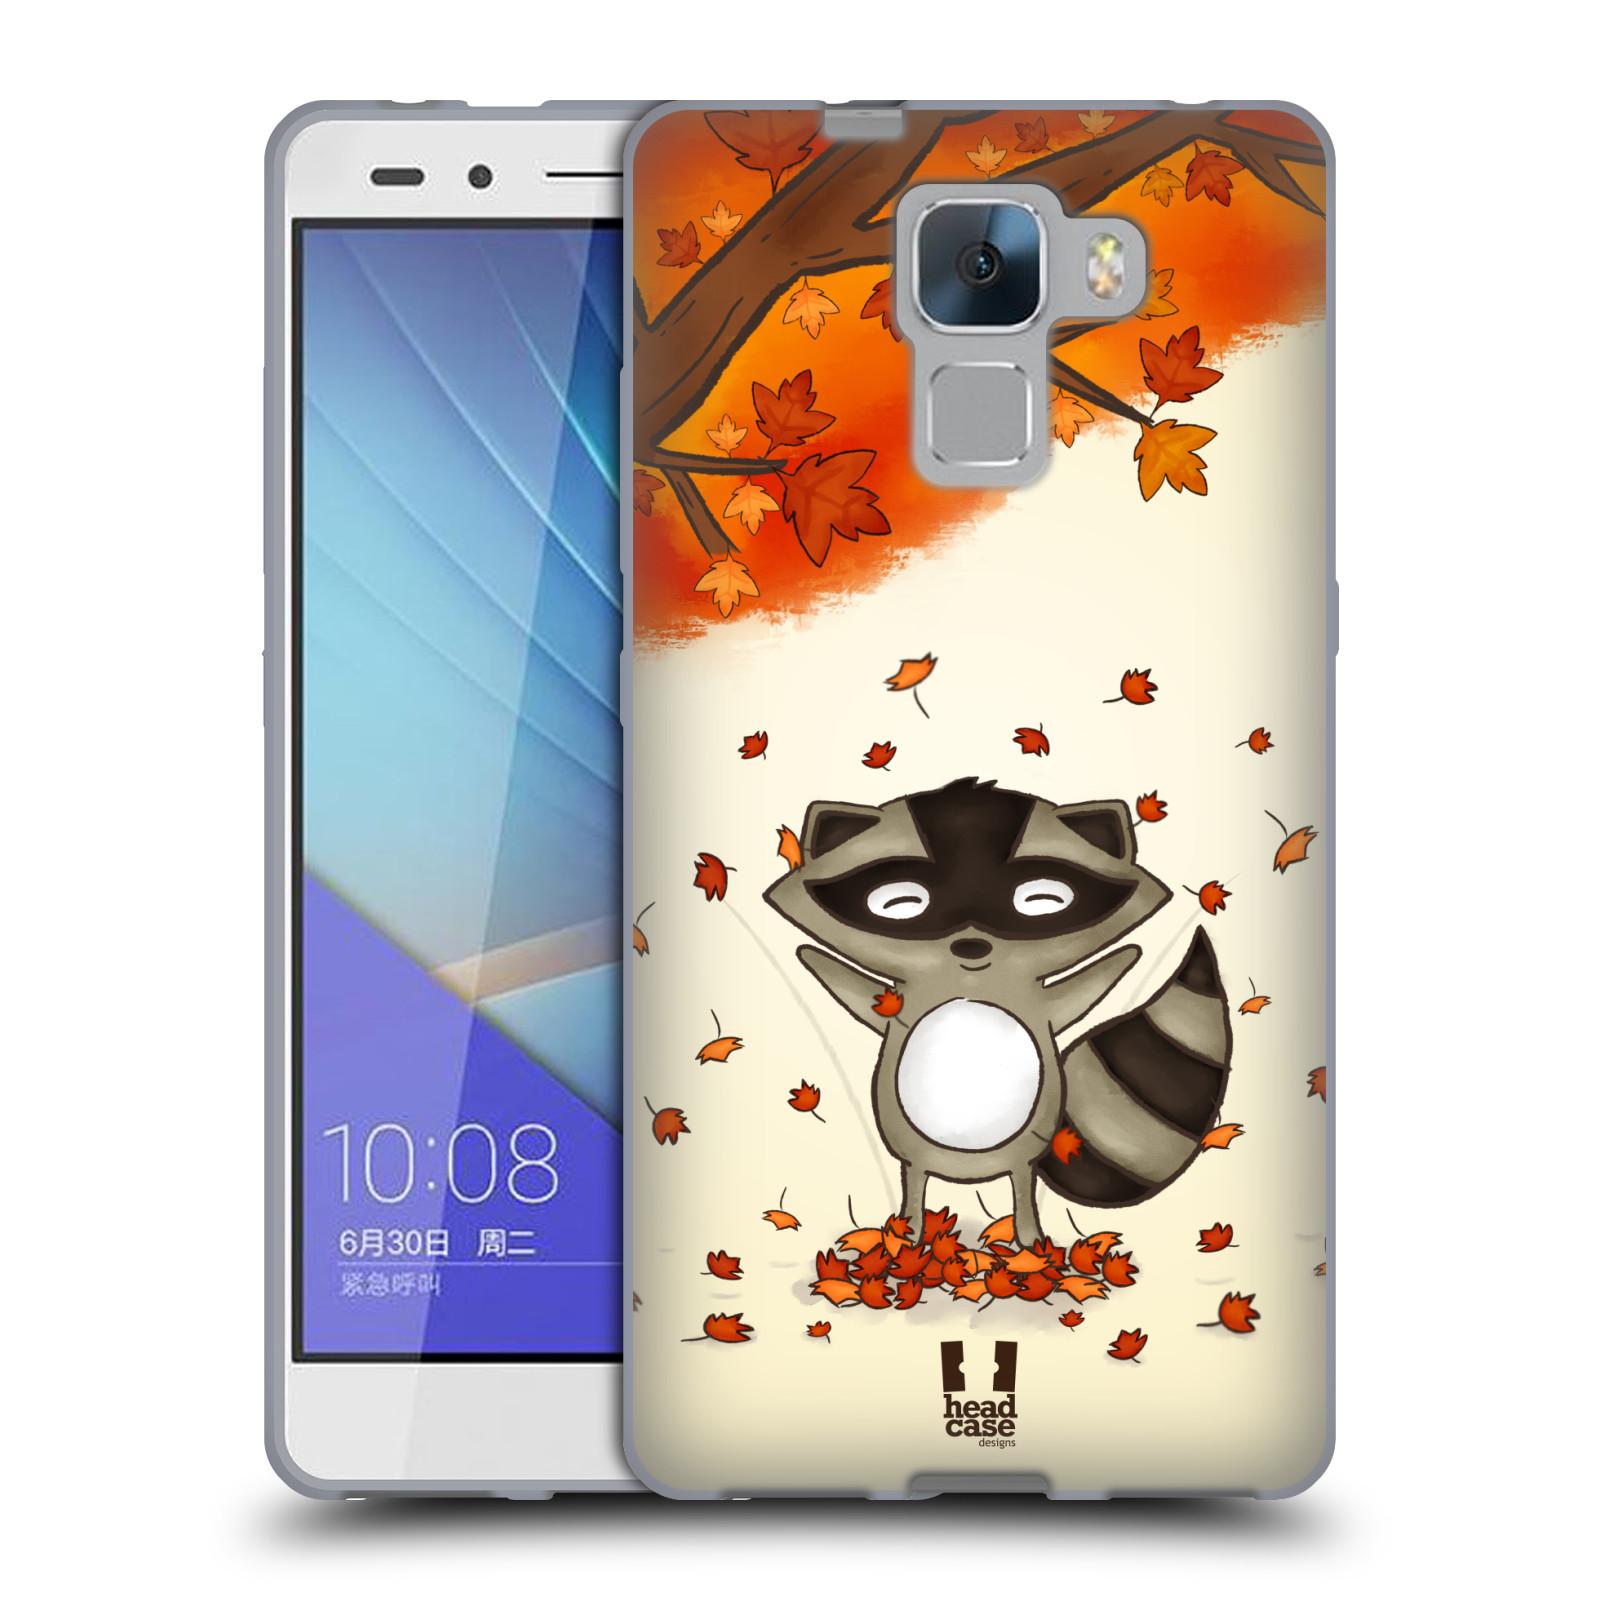 Silikonové pouzdro na mobil Honor 7 HEAD CASE PODZIMNÍ MÝVAL